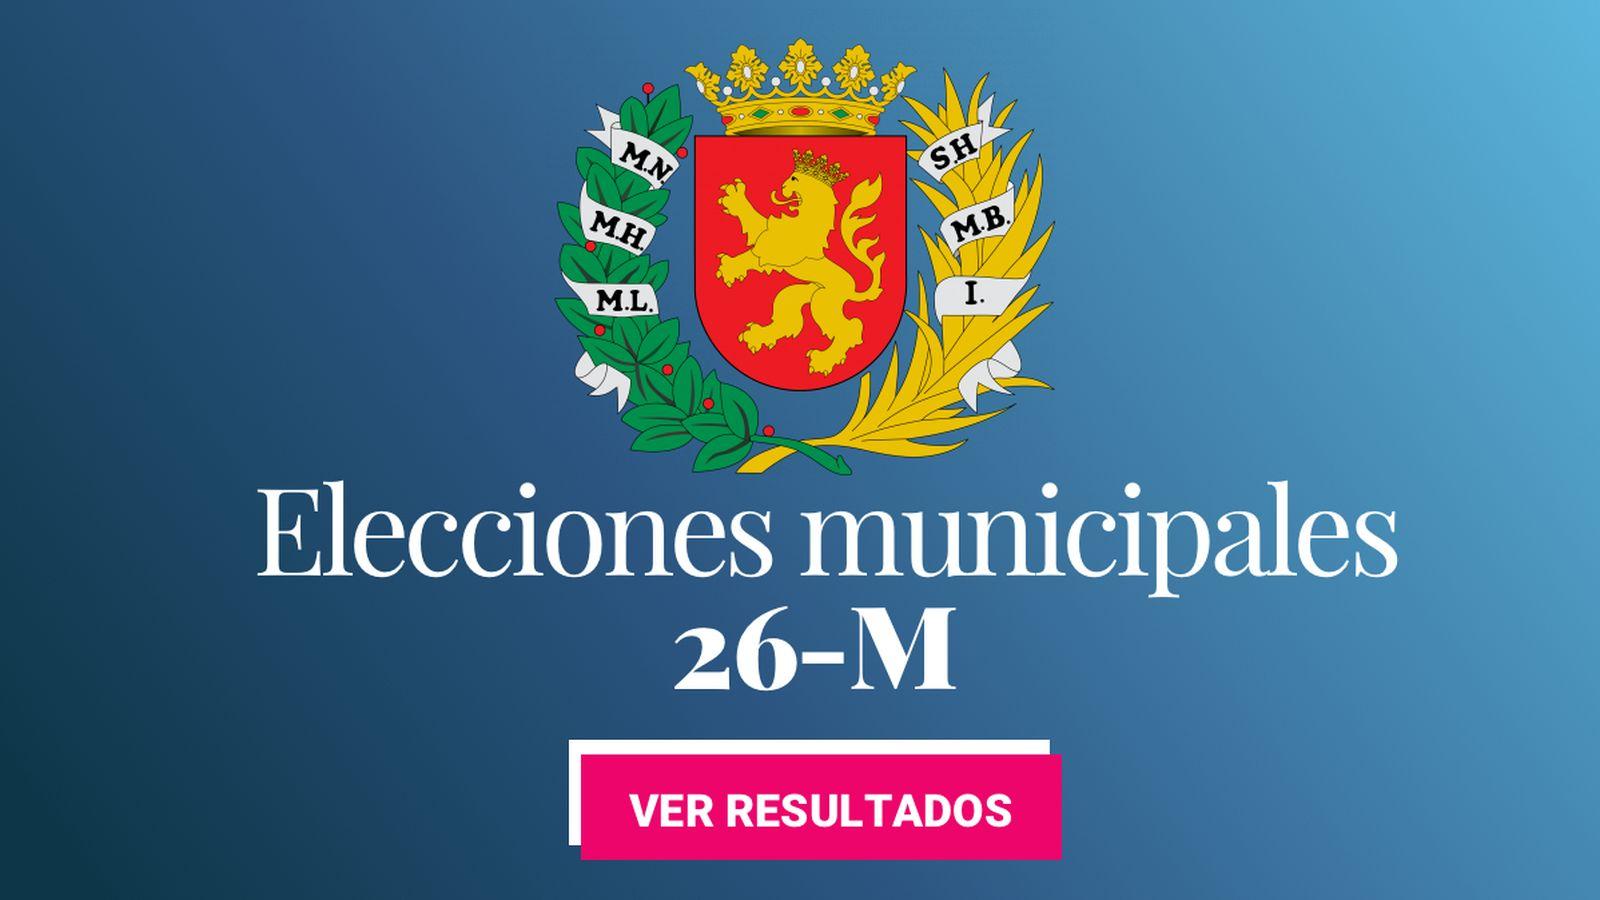 Foto: Elecciones municipales 2019 en Zaragoza. (C.C./EC)